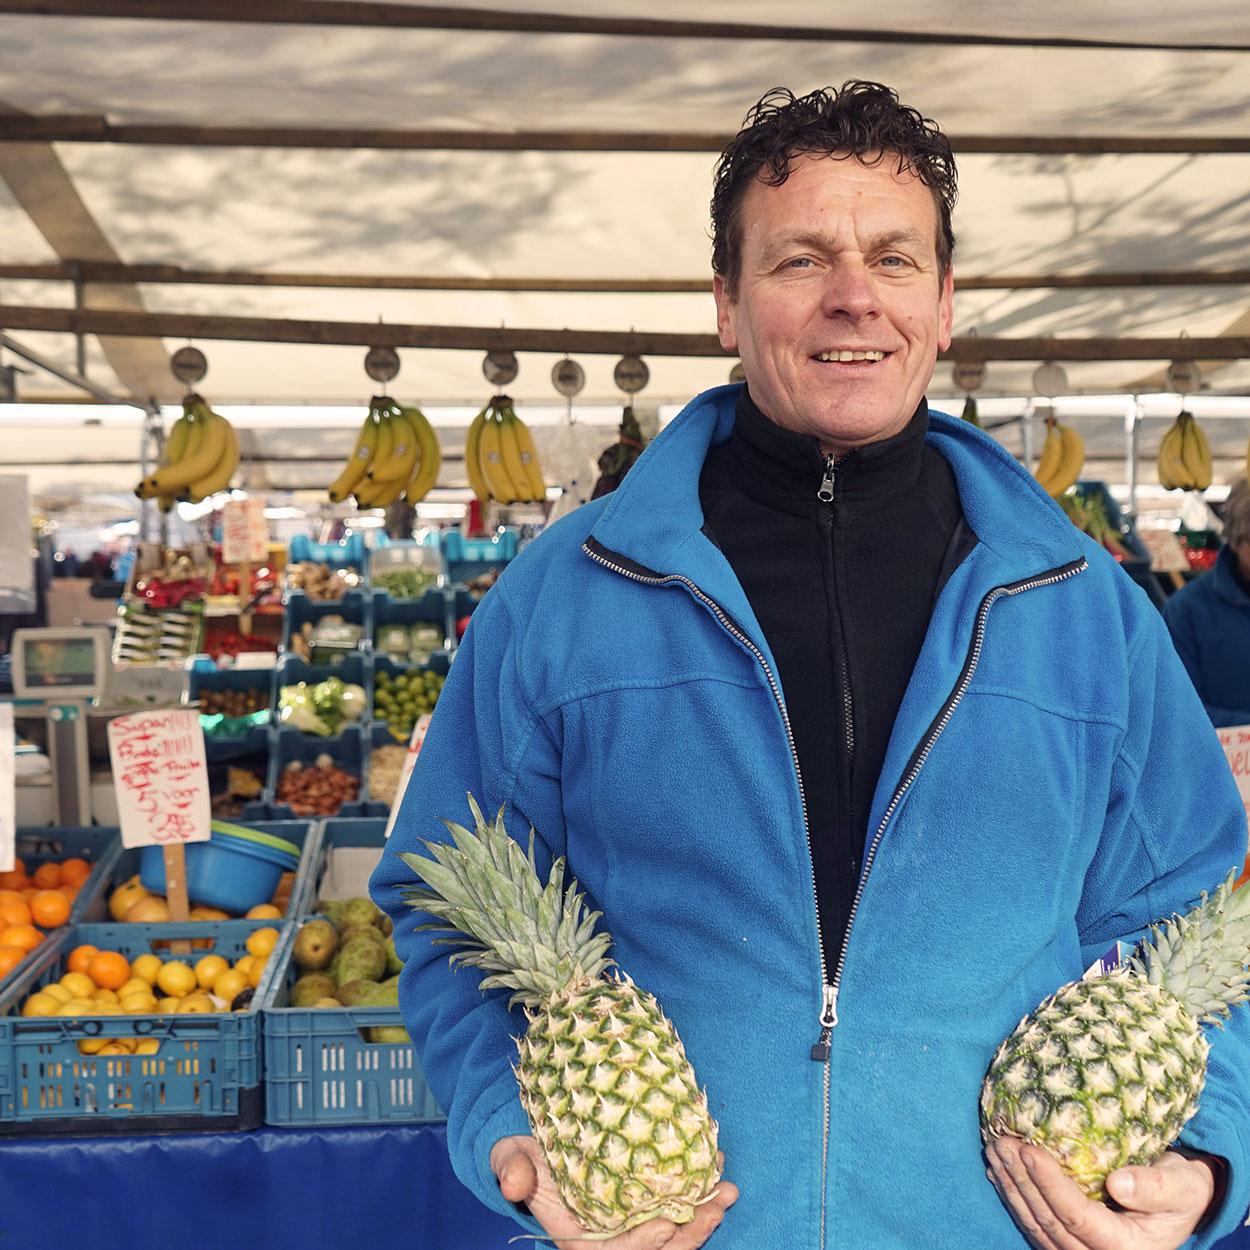 vd Geer – Vreekamp, groenten en fruit